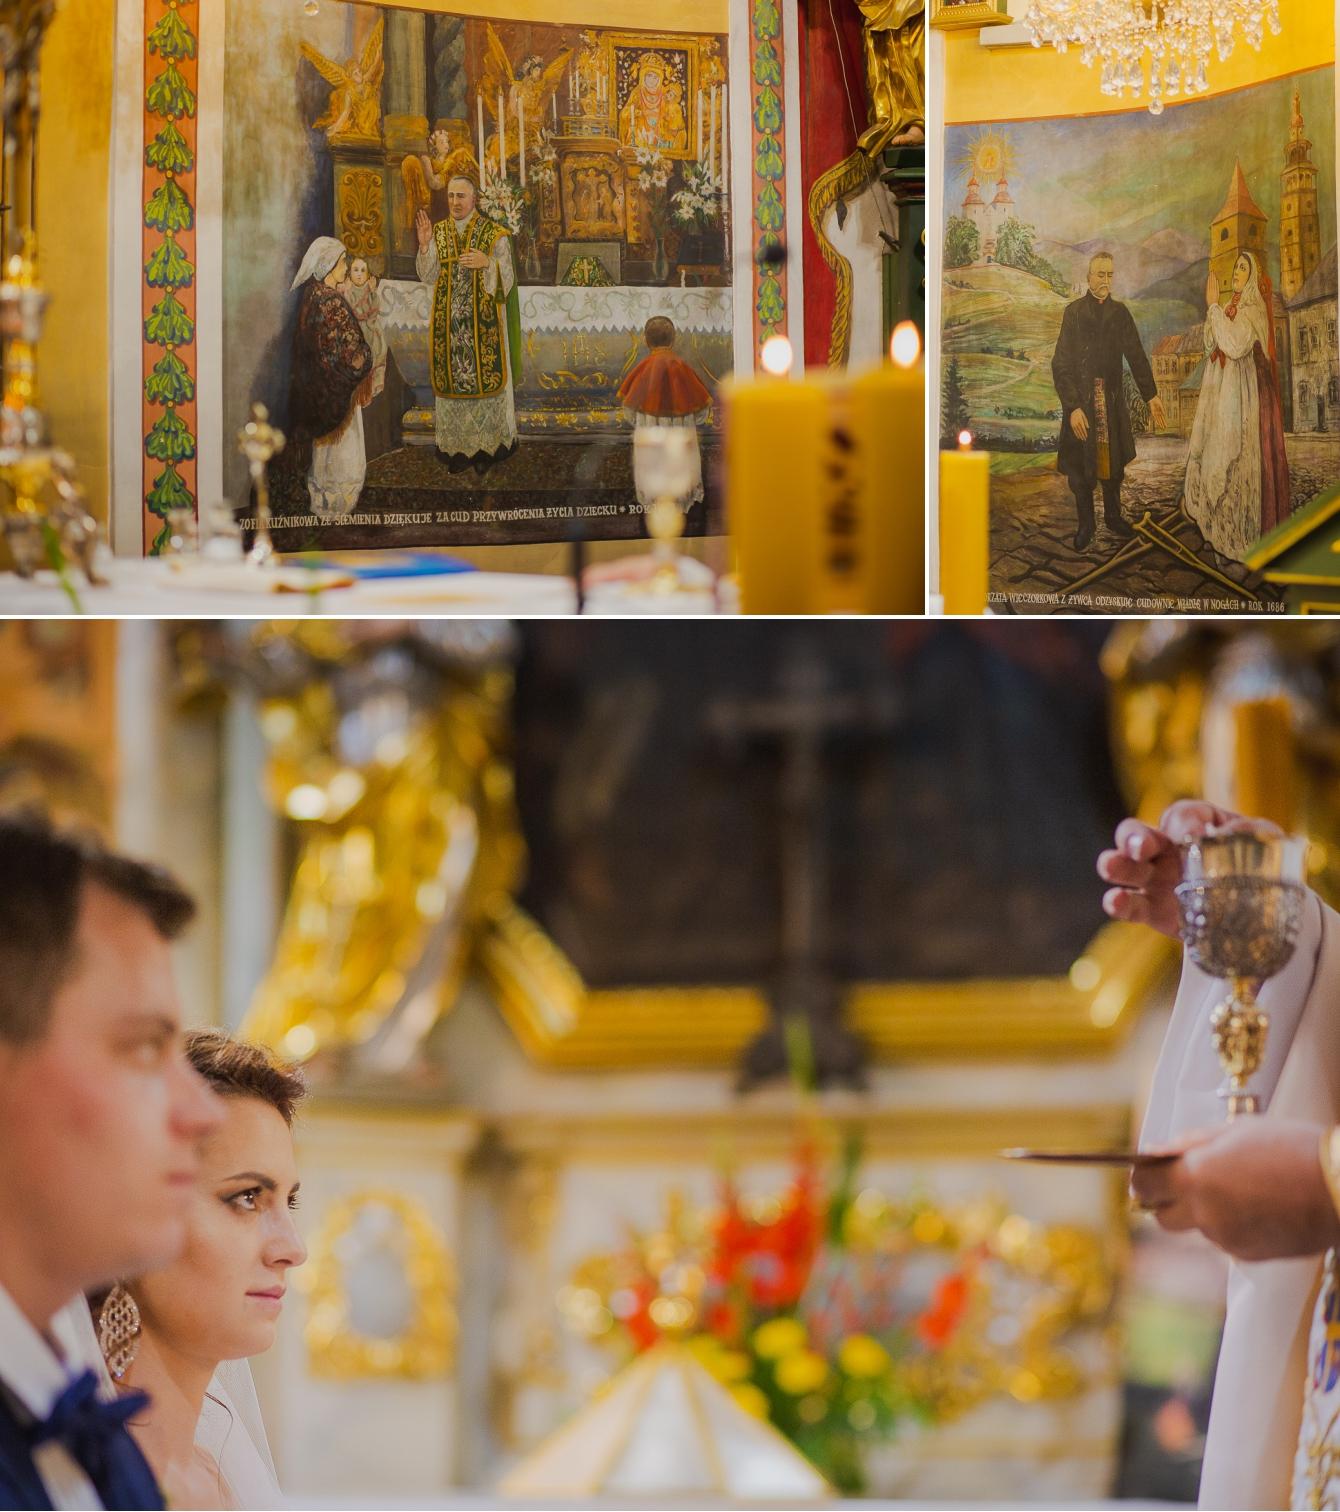 Ania i Damian - ślub w górach - Kocierz SPA - fotografia ślubna - bartek Wyrobek  (10).jpg